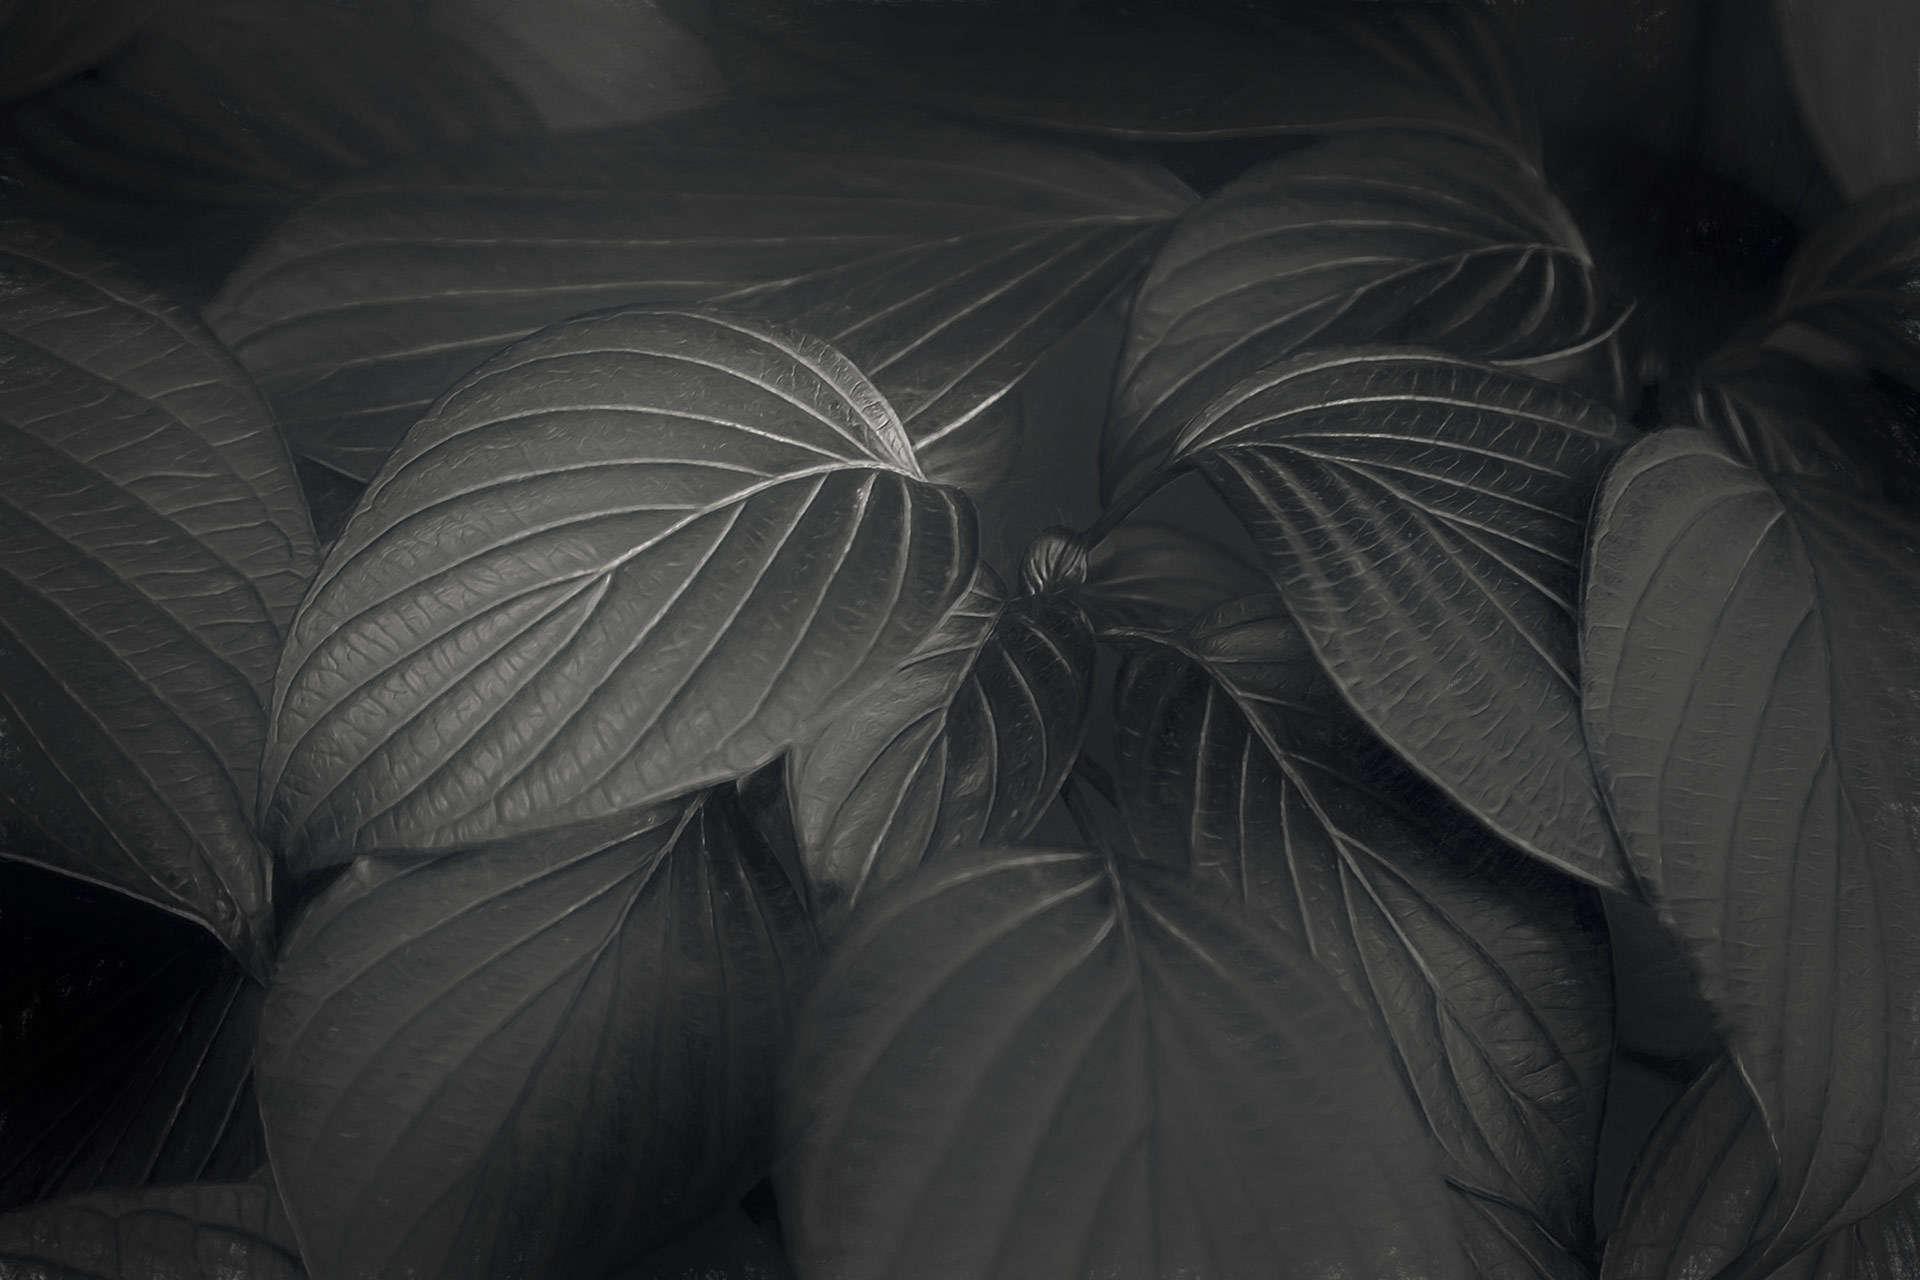 Black Leaves